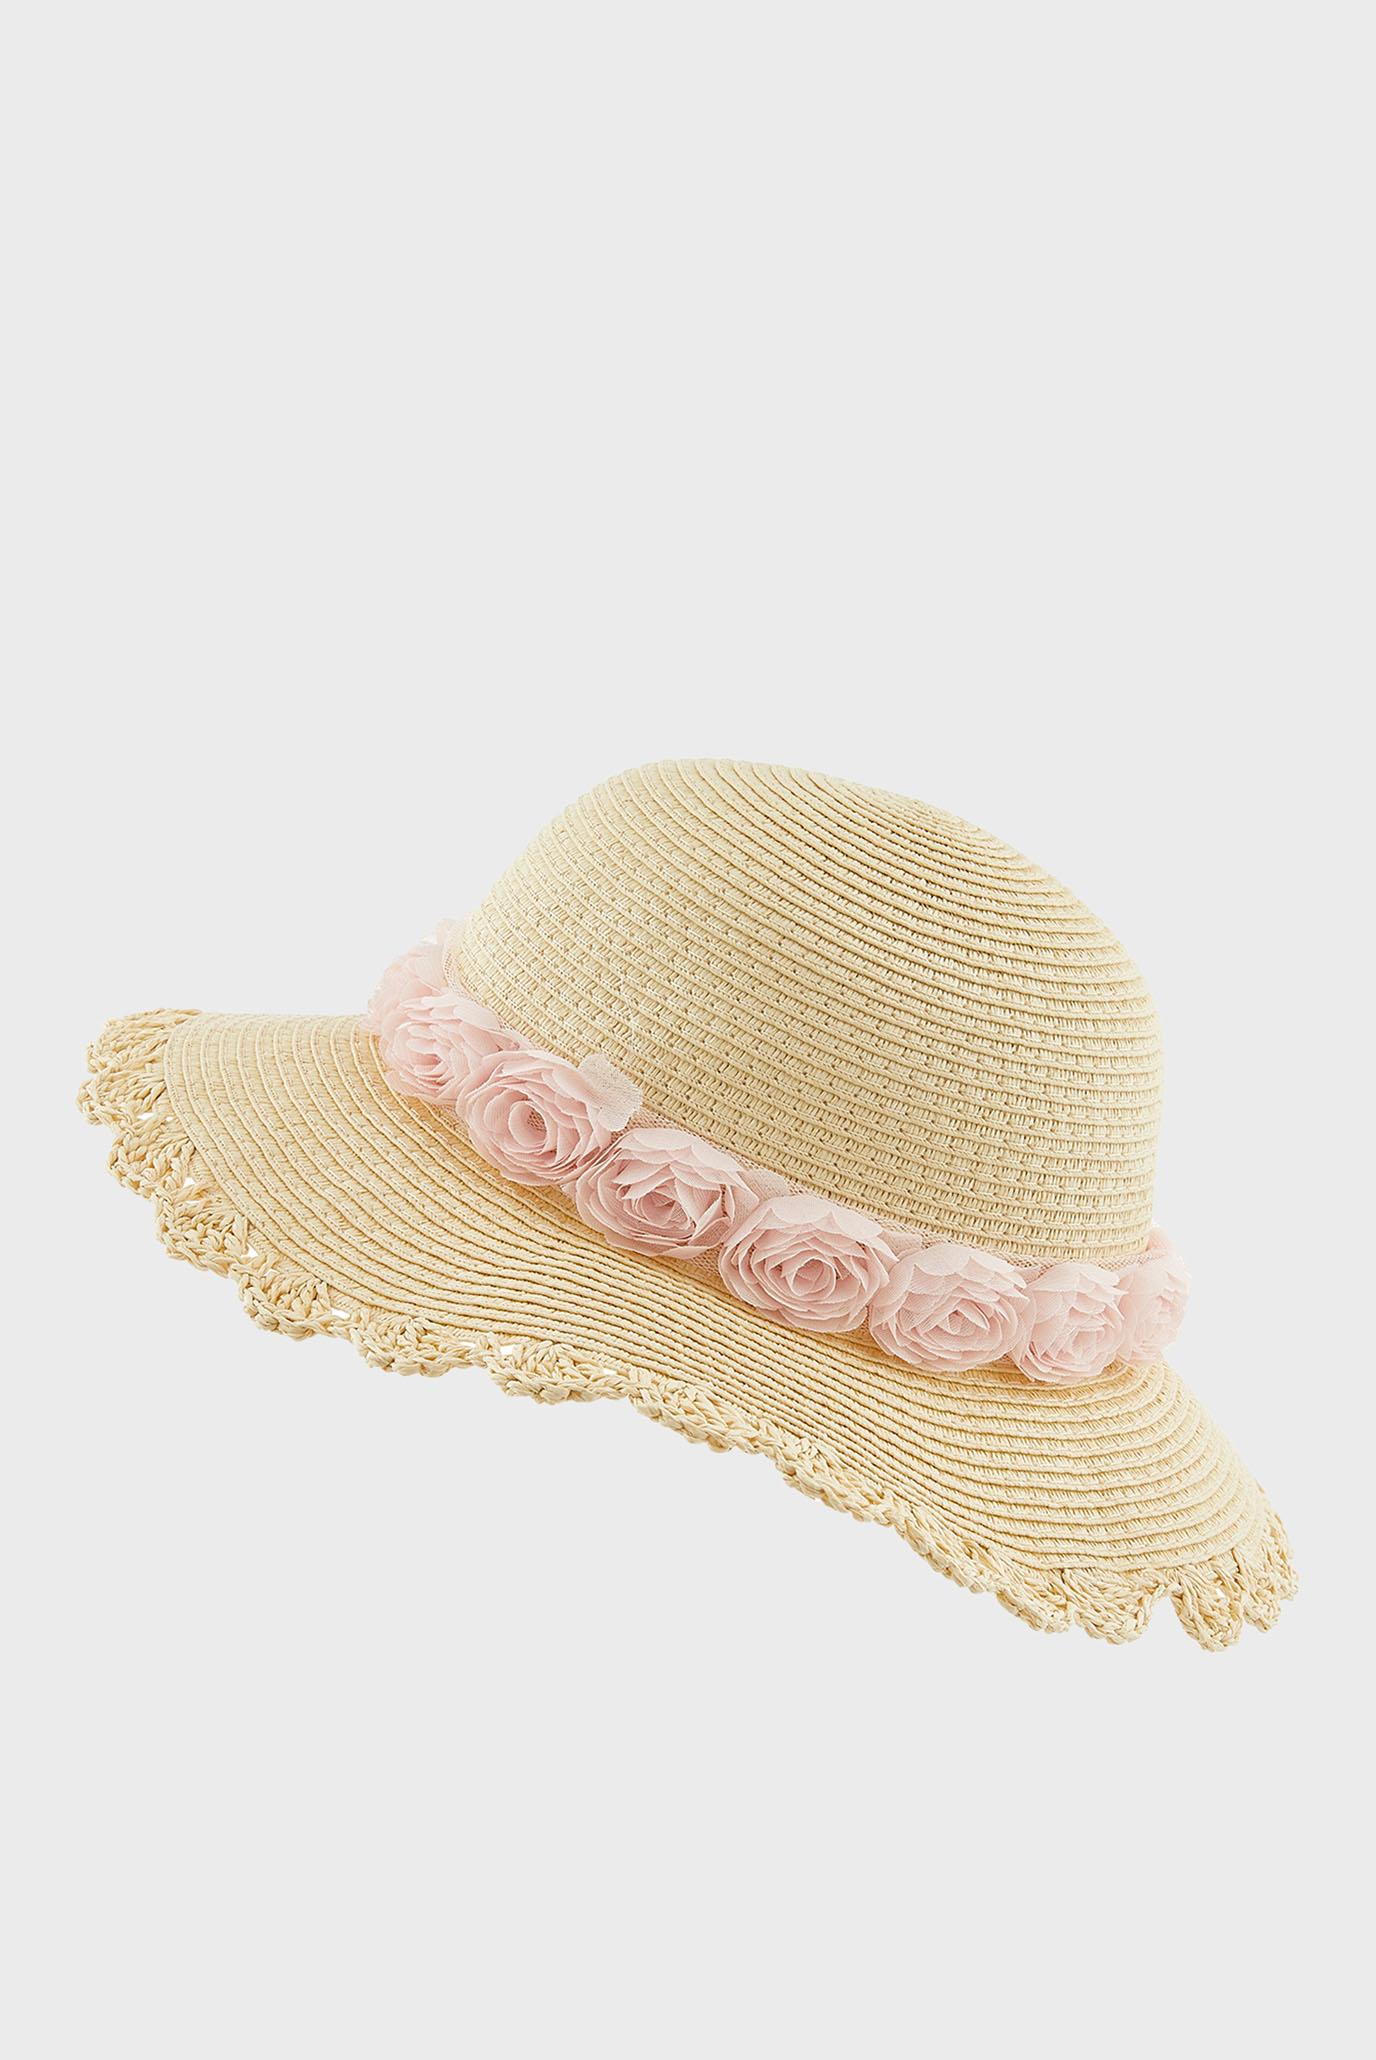 Купить Детская бежевая шляпа IANTHE CHIFFON FLOWERS Monsoon Children Monsoon Children 610283 – Киев, Украина. Цены в интернет магазине MD Fashion